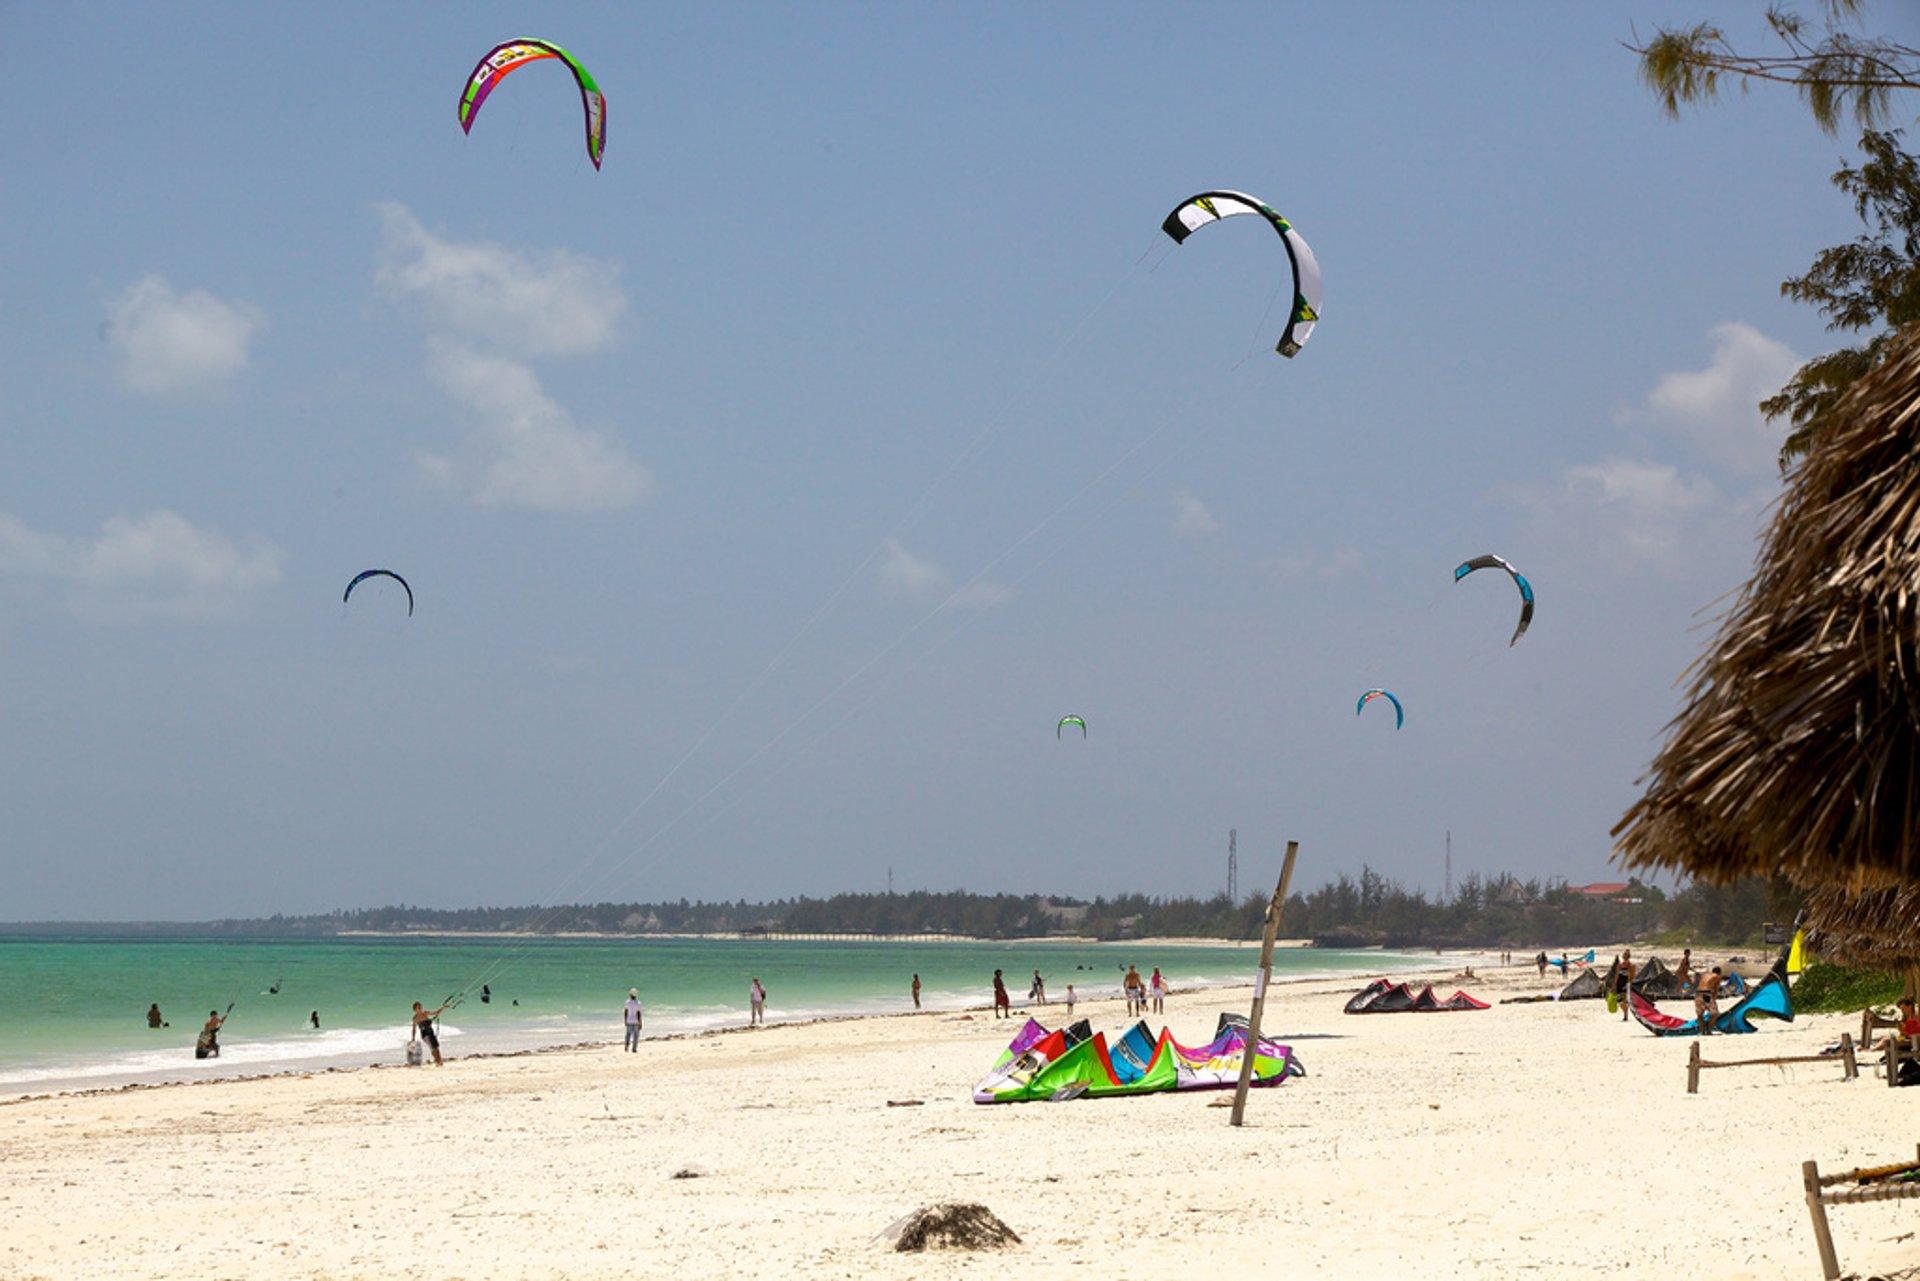 Beach in Paje, Zanzibar Island 2020